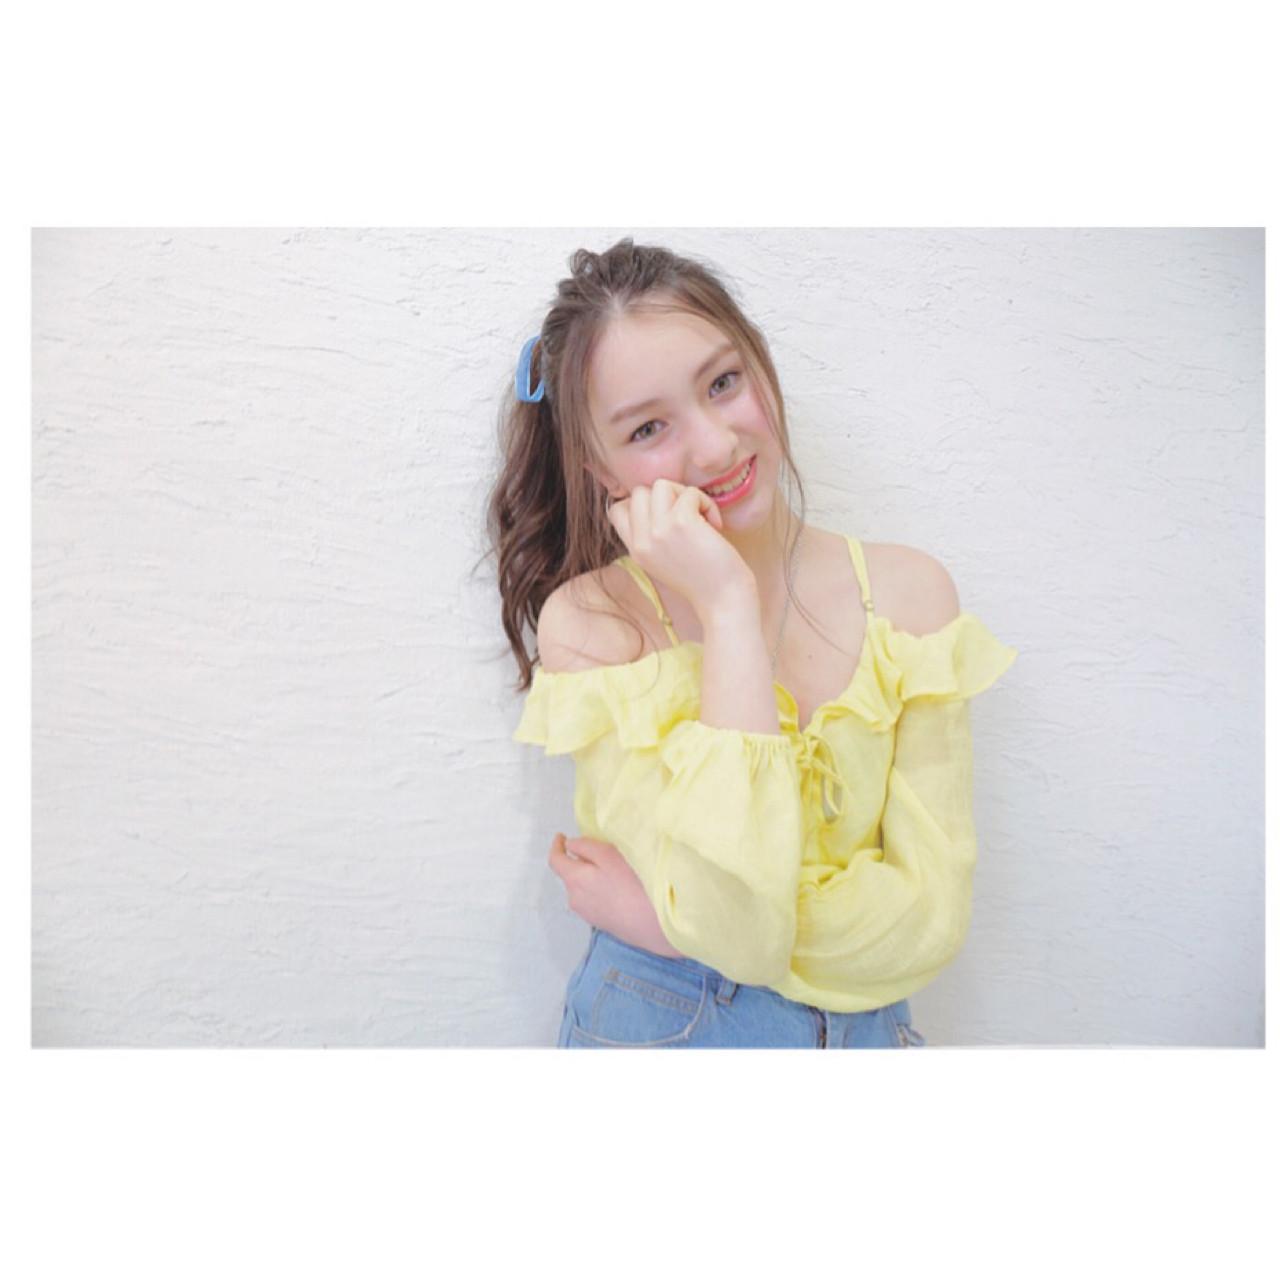 【ポニーテール×前髪なし】ヘアカタログ♡貴方に合う大人アレンジのやり方伝授 原田直美